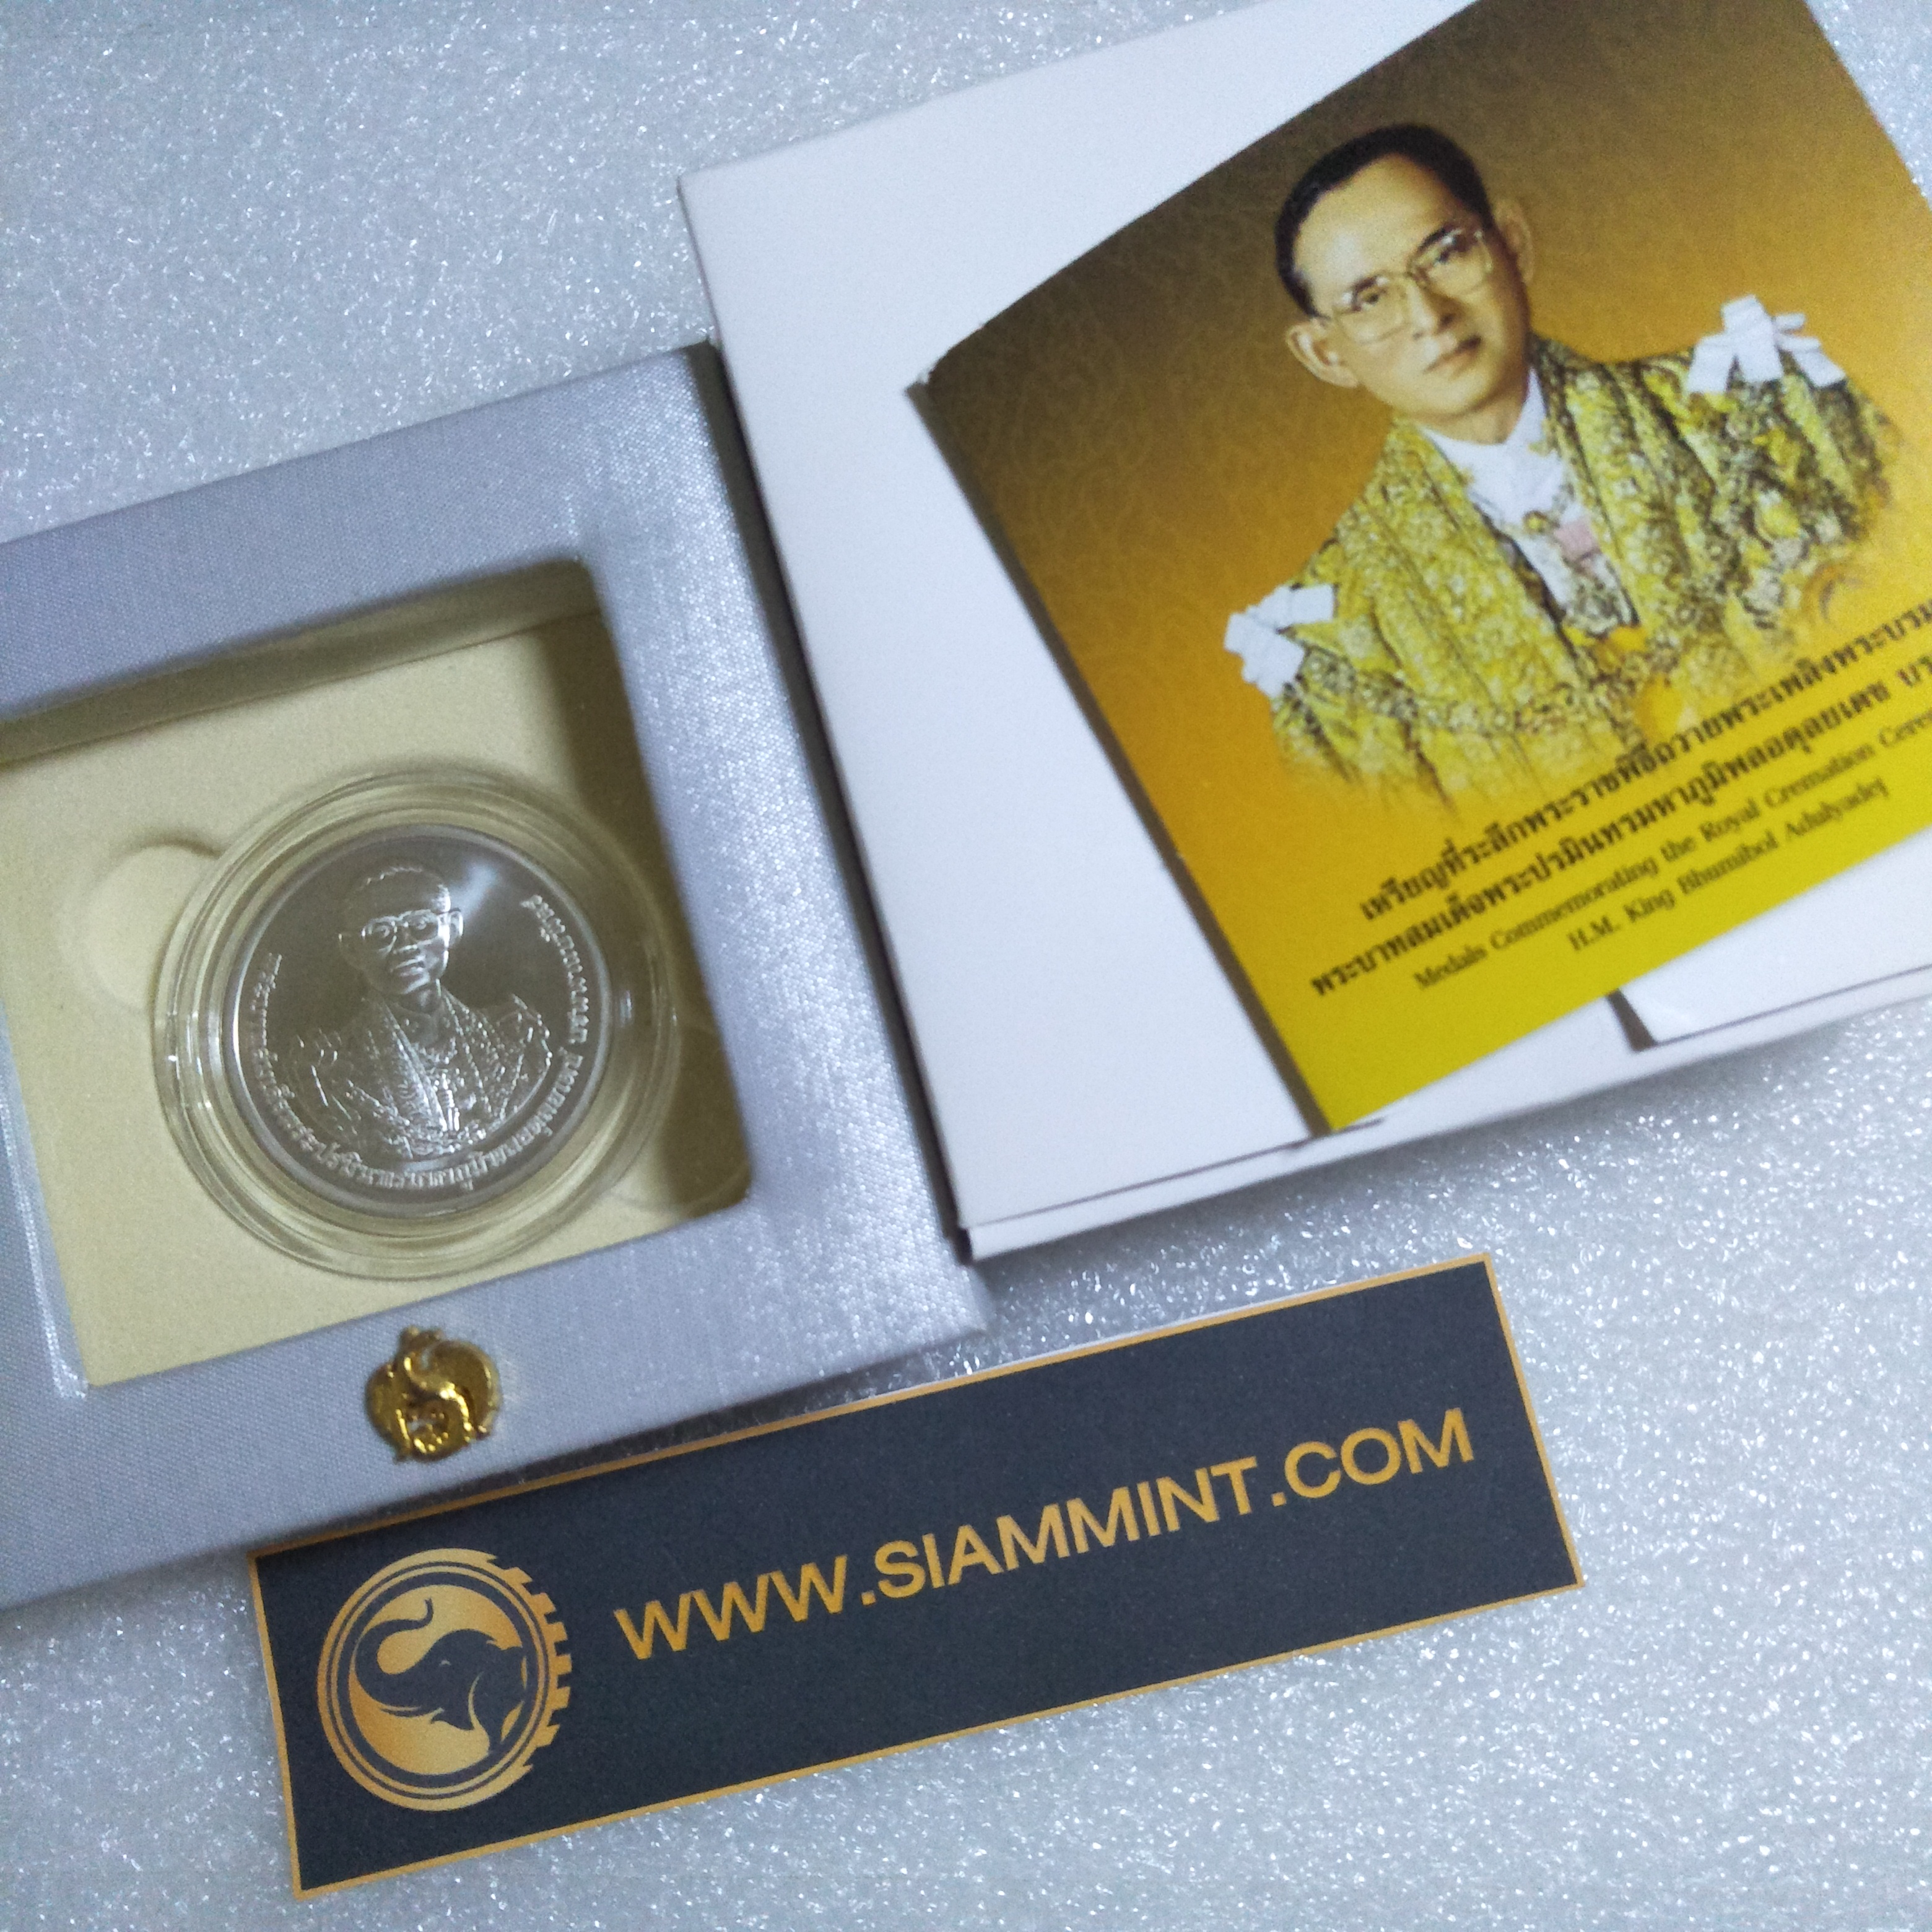 เหรียญที่ระลึกพระราชพิธีถวายพระเพลิงรัชกาลที่ 9 เนื้อเงิน